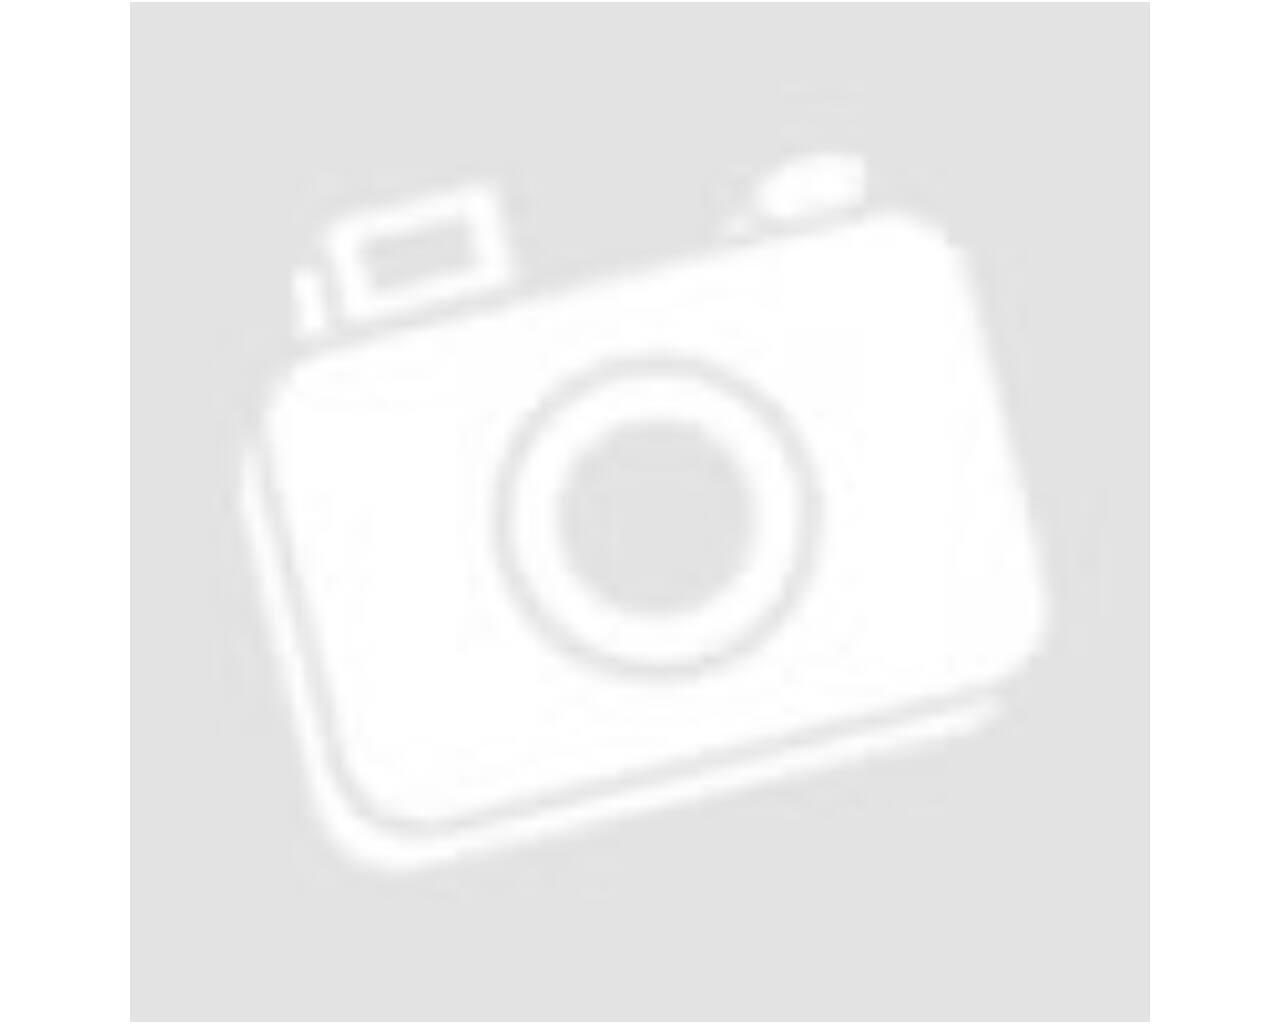 Mosdókagyló, Cersanit Róma, téglalap alakú, 80 cm